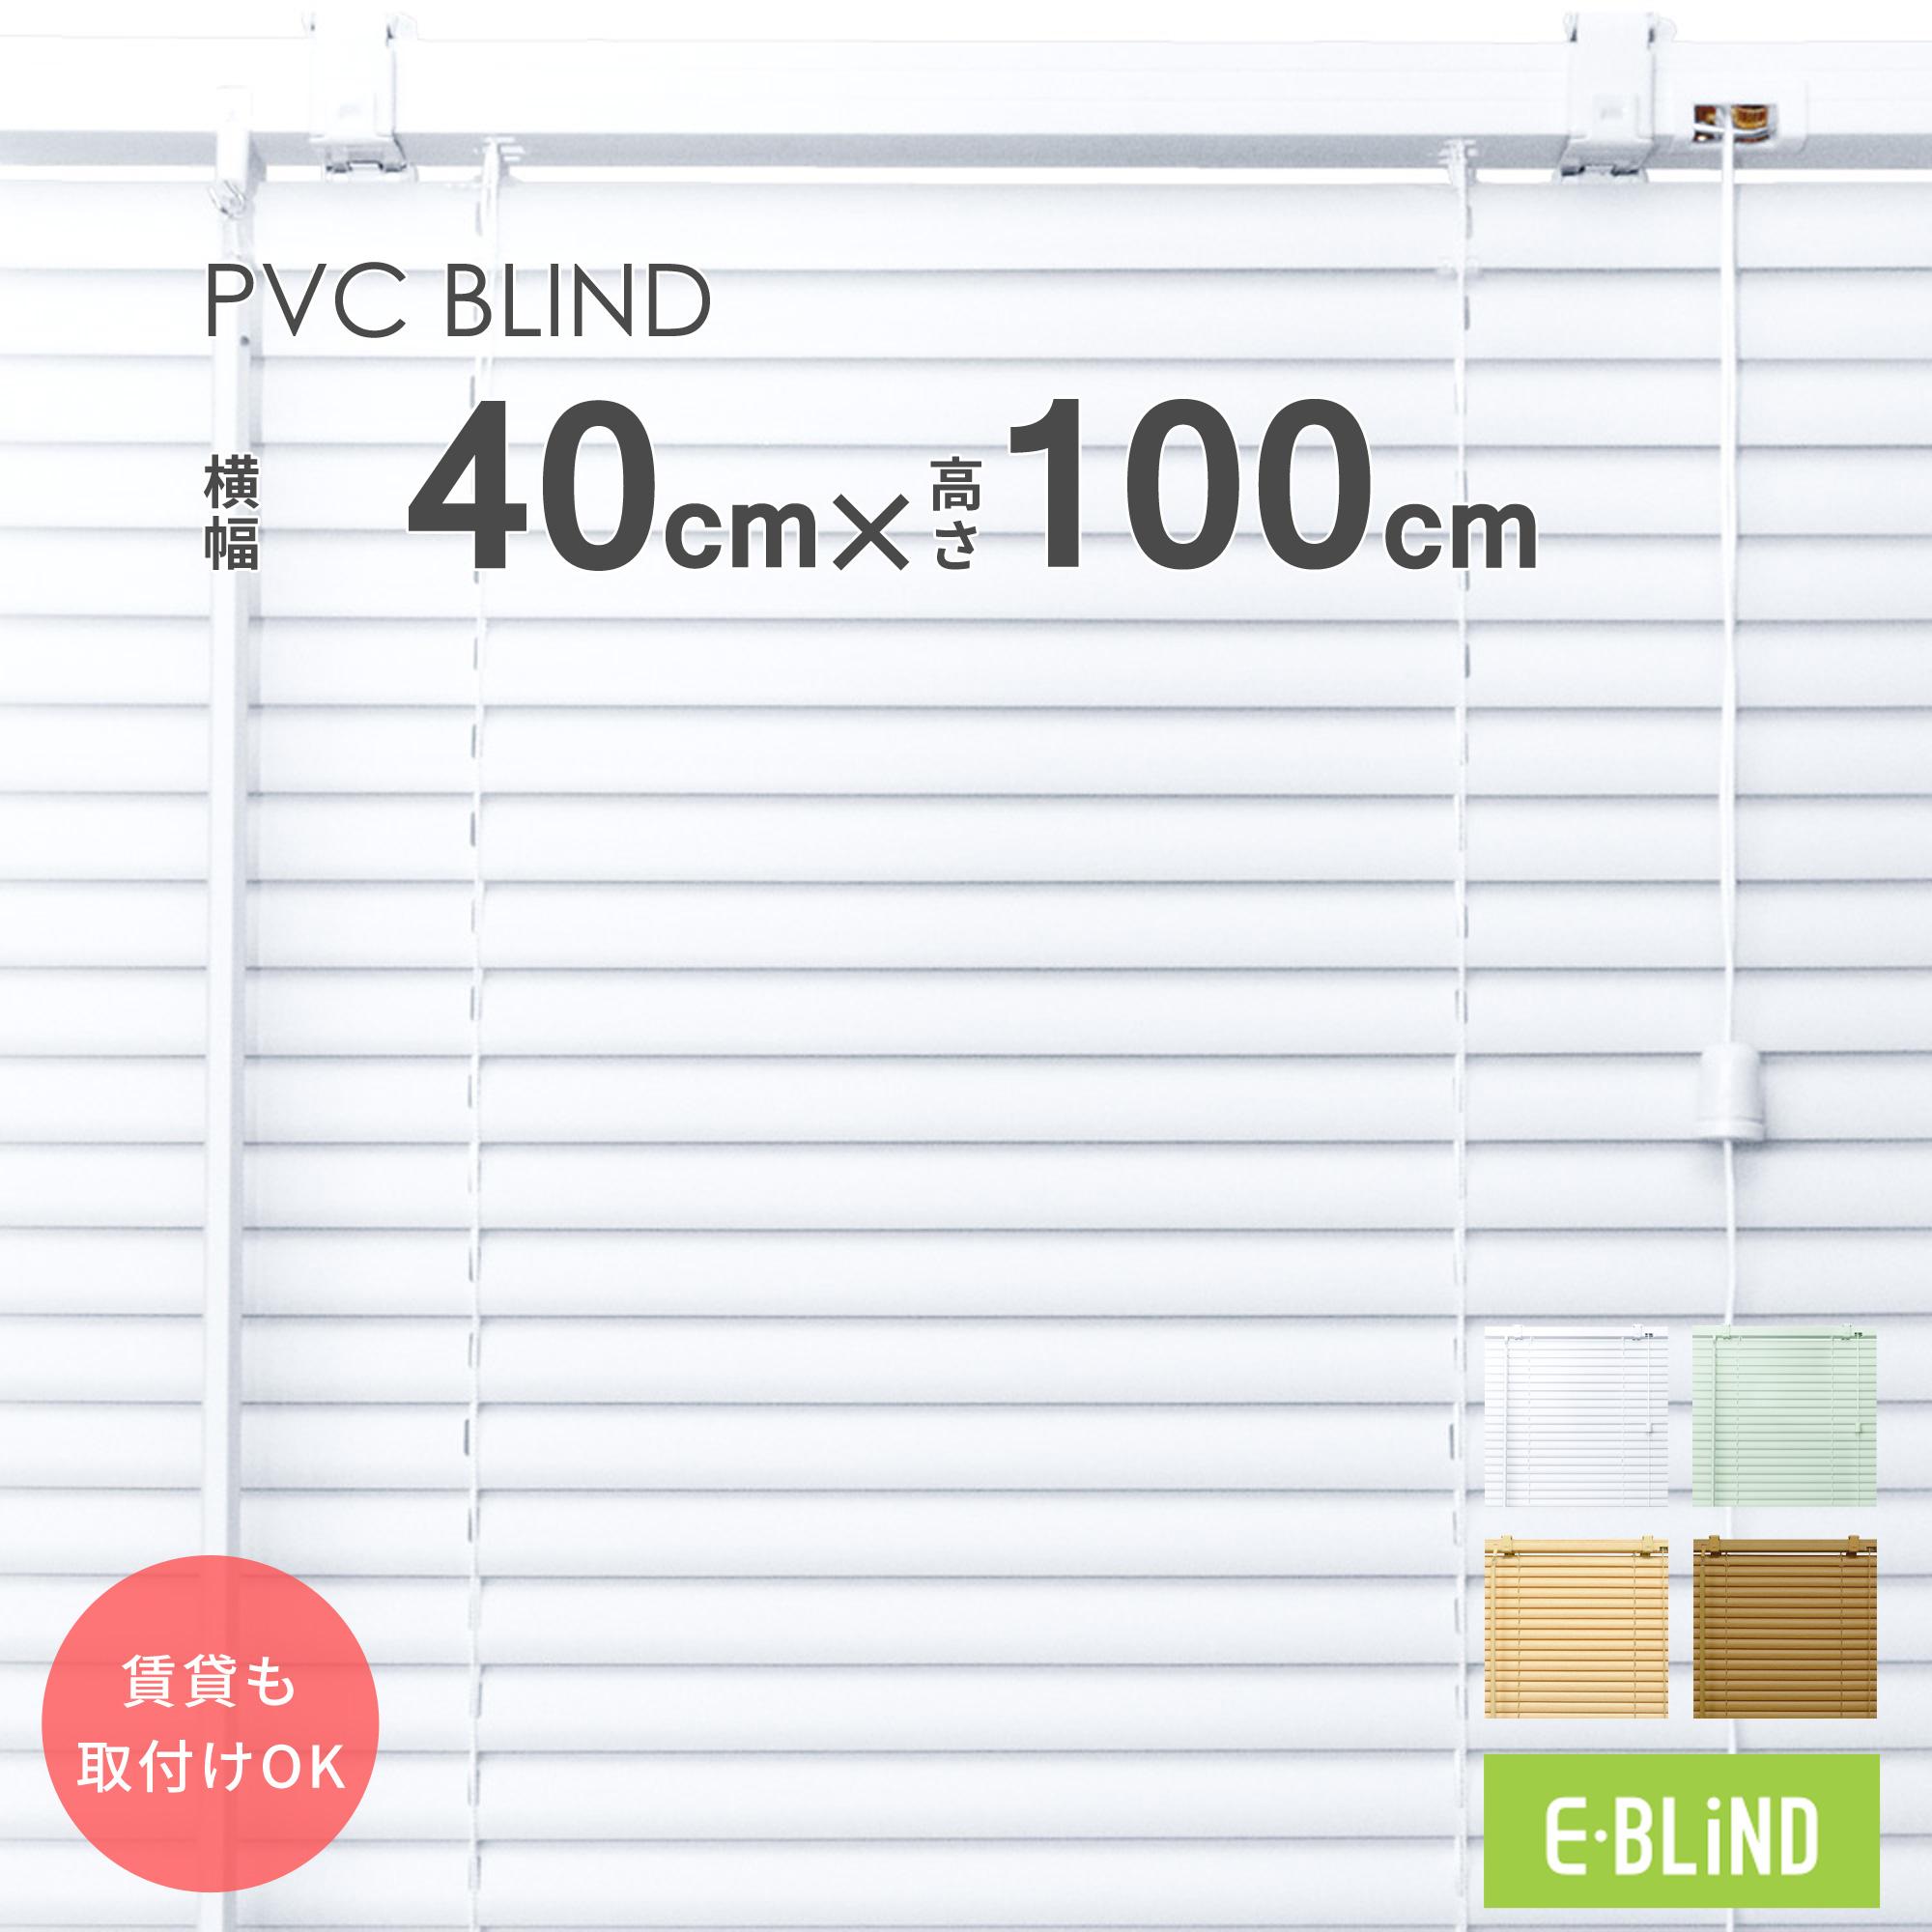 横幅40cm 受注生産品 高さ100cm 商店 30サイズから選べるPVCブラインド E-BLiND ブラインド プラスチック 既製サイズ 賃貸 イージーブラインド 取り付け可能 PVCブラインド カーテンレール 幅40cm